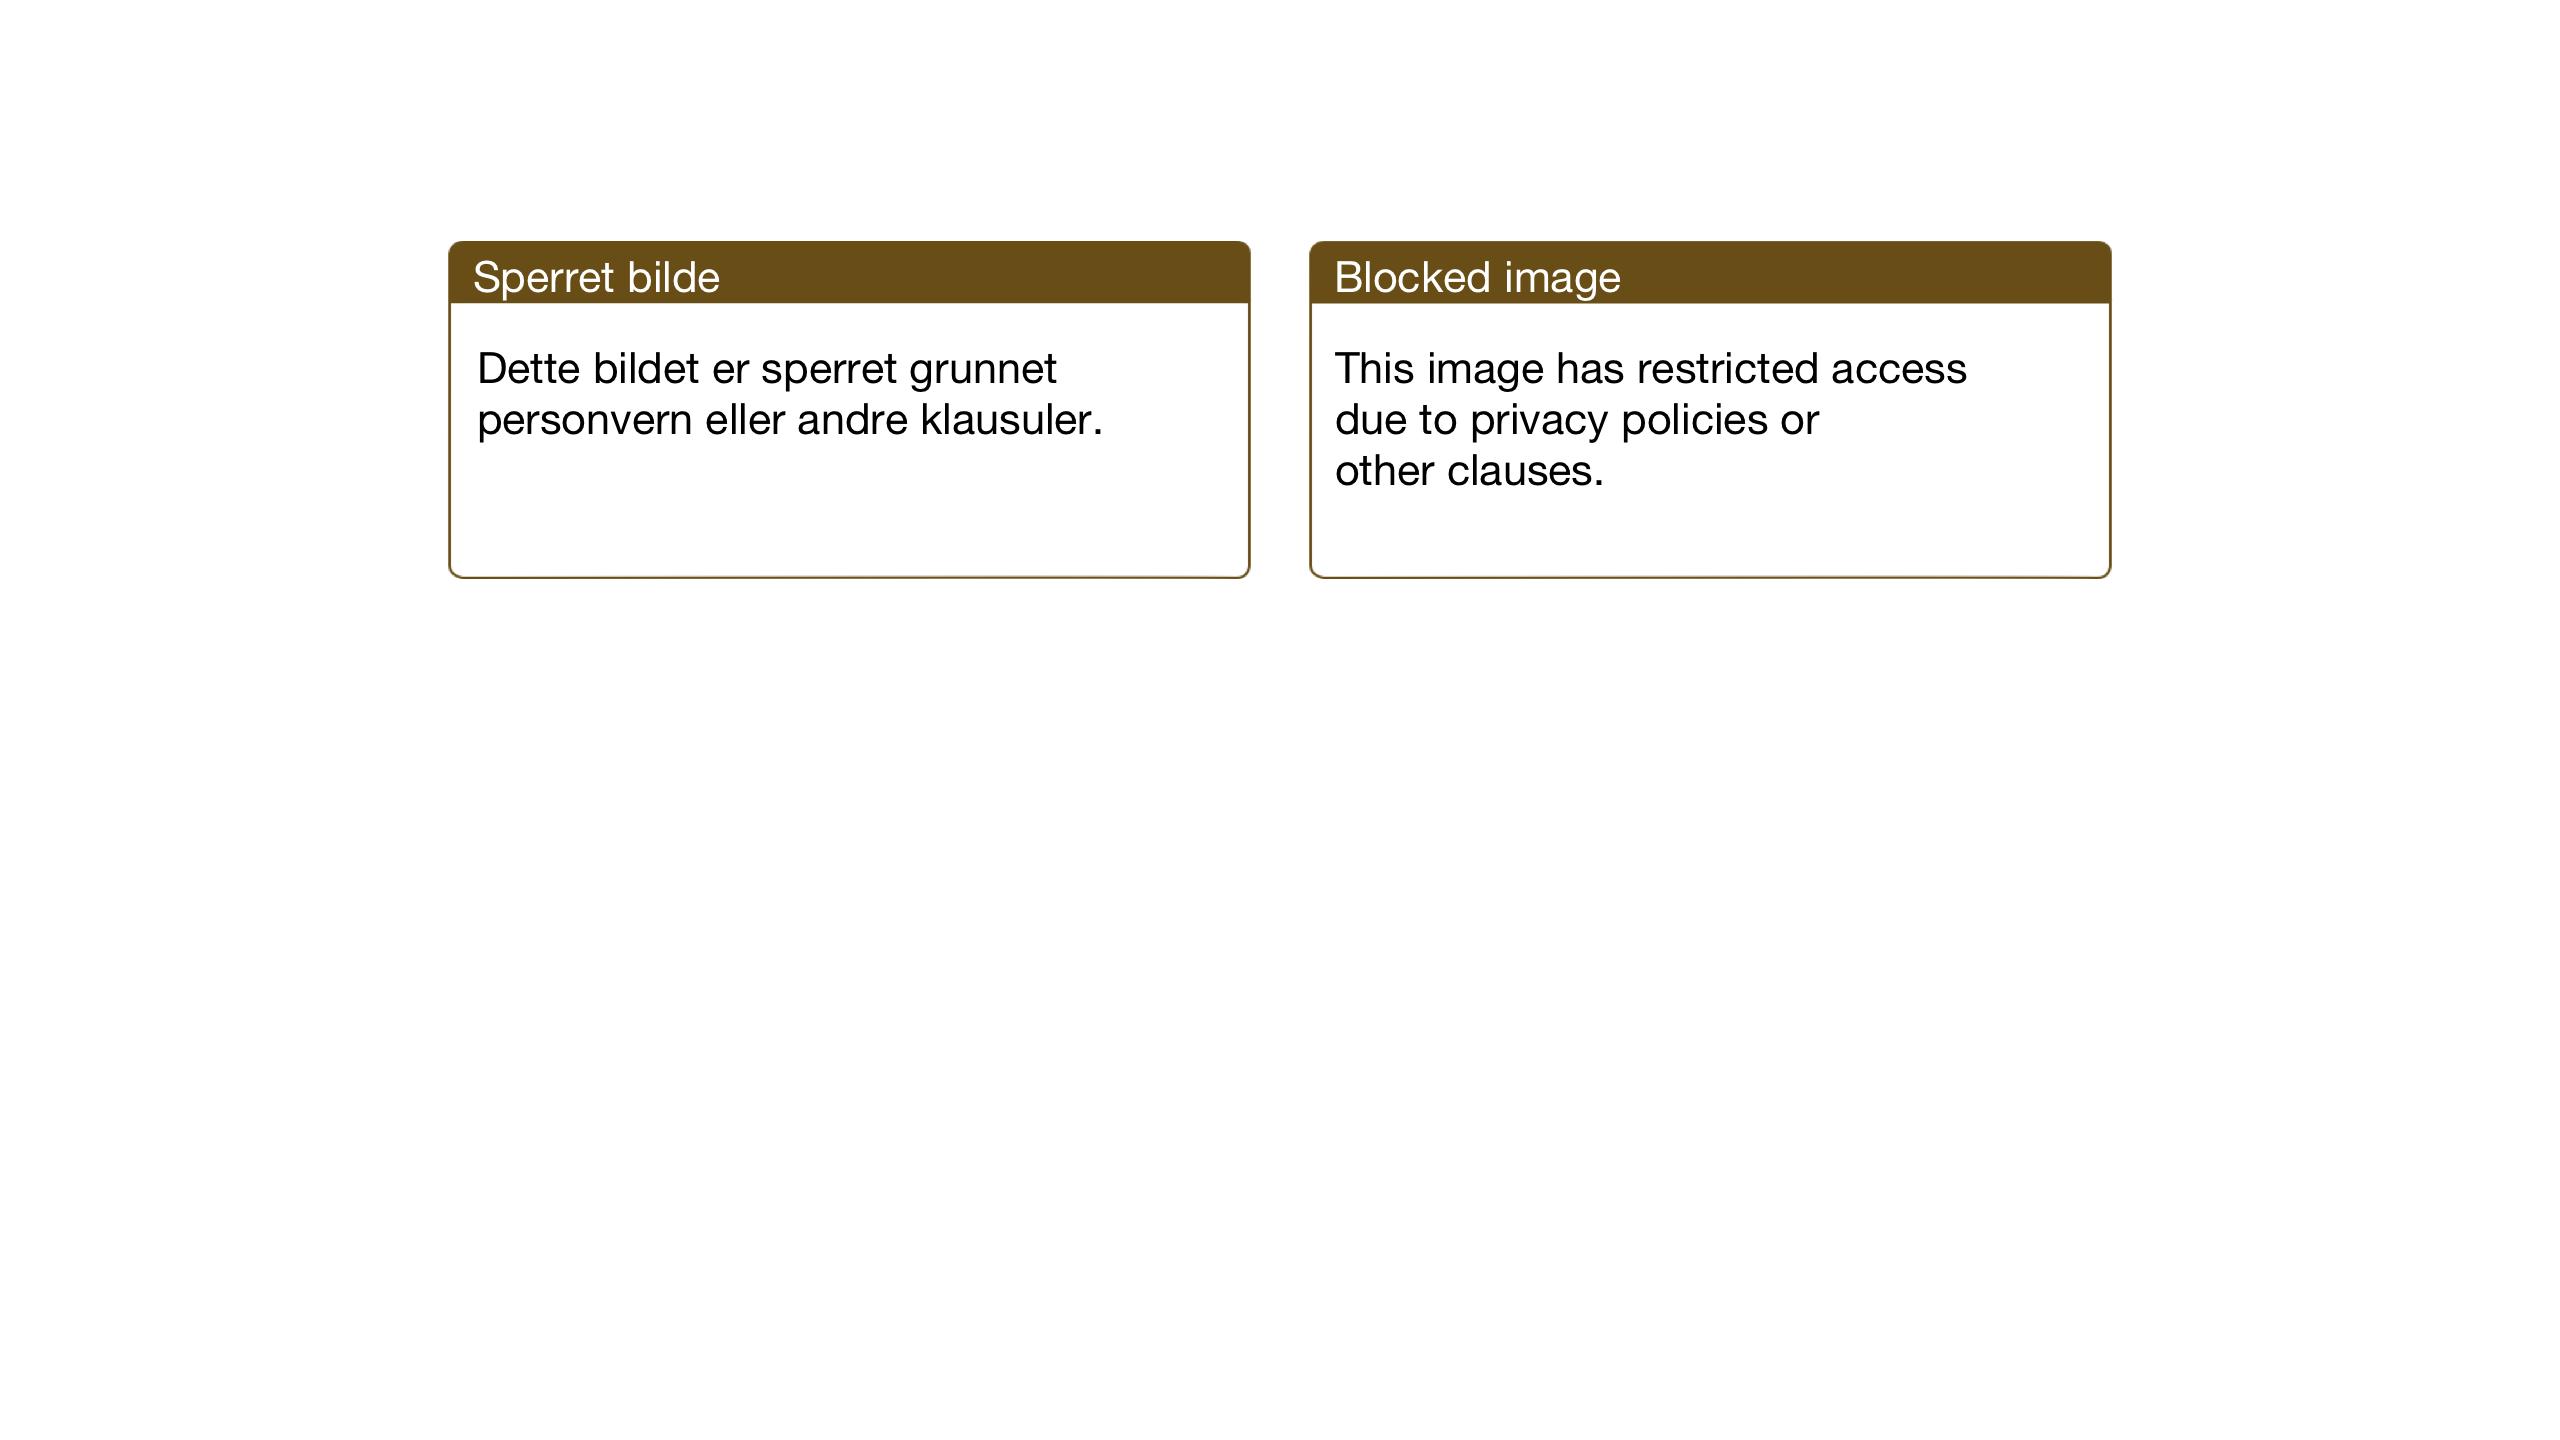 SAT, Ministerialprotokoller, klokkerbøker og fødselsregistre - Nord-Trøndelag, 746/L0456: Klokkerbok nr. 746C02, 1936-1948, s. 40